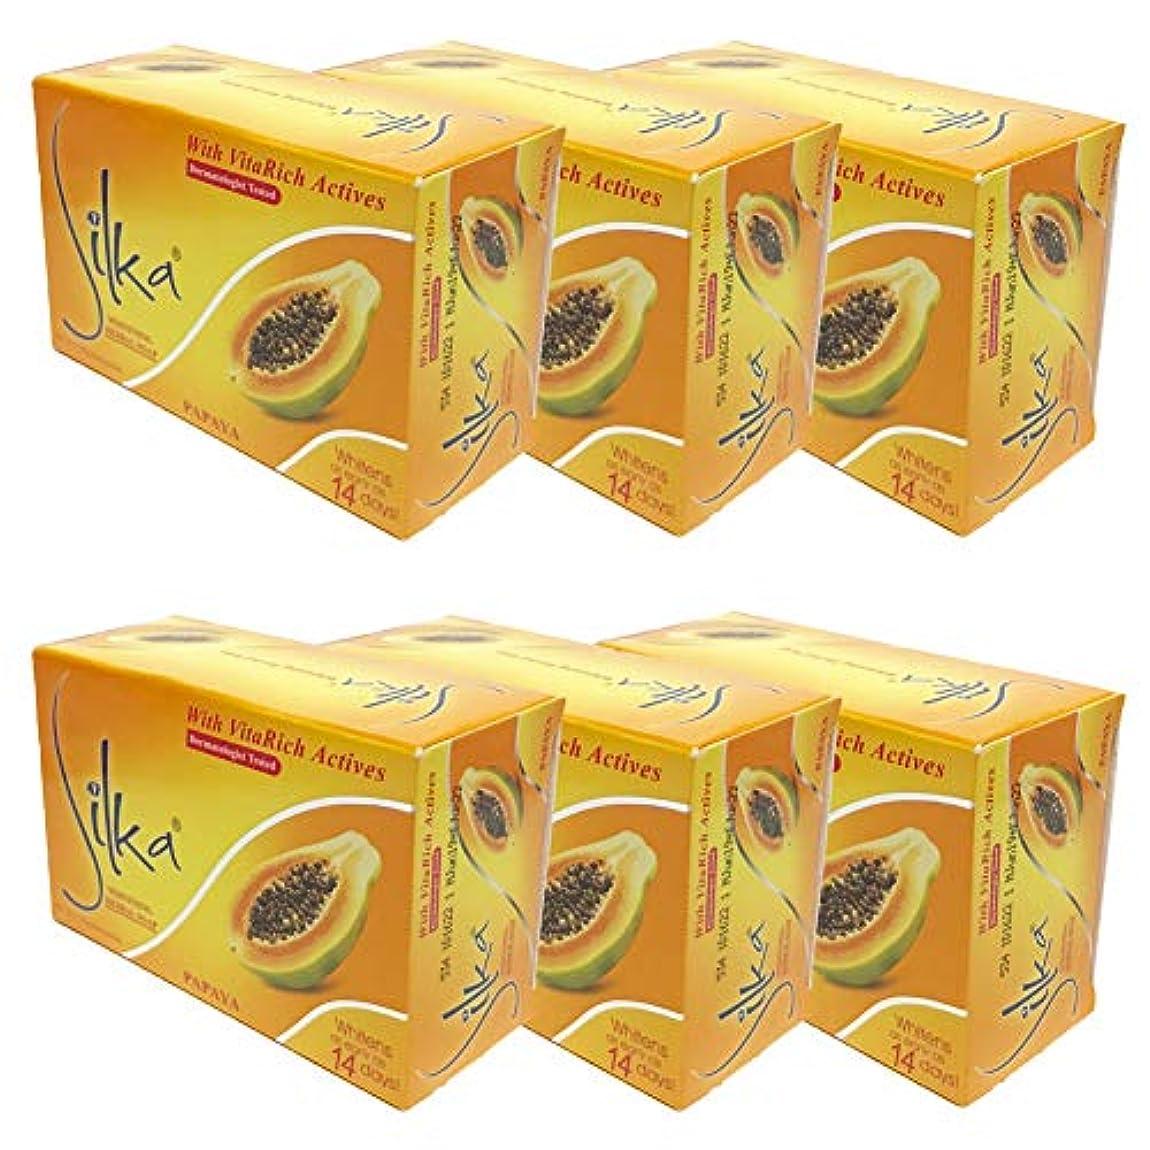 治療マカダム衛星シルカ パパイヤソープ 135g Silka Papaya Soap (6個セット)